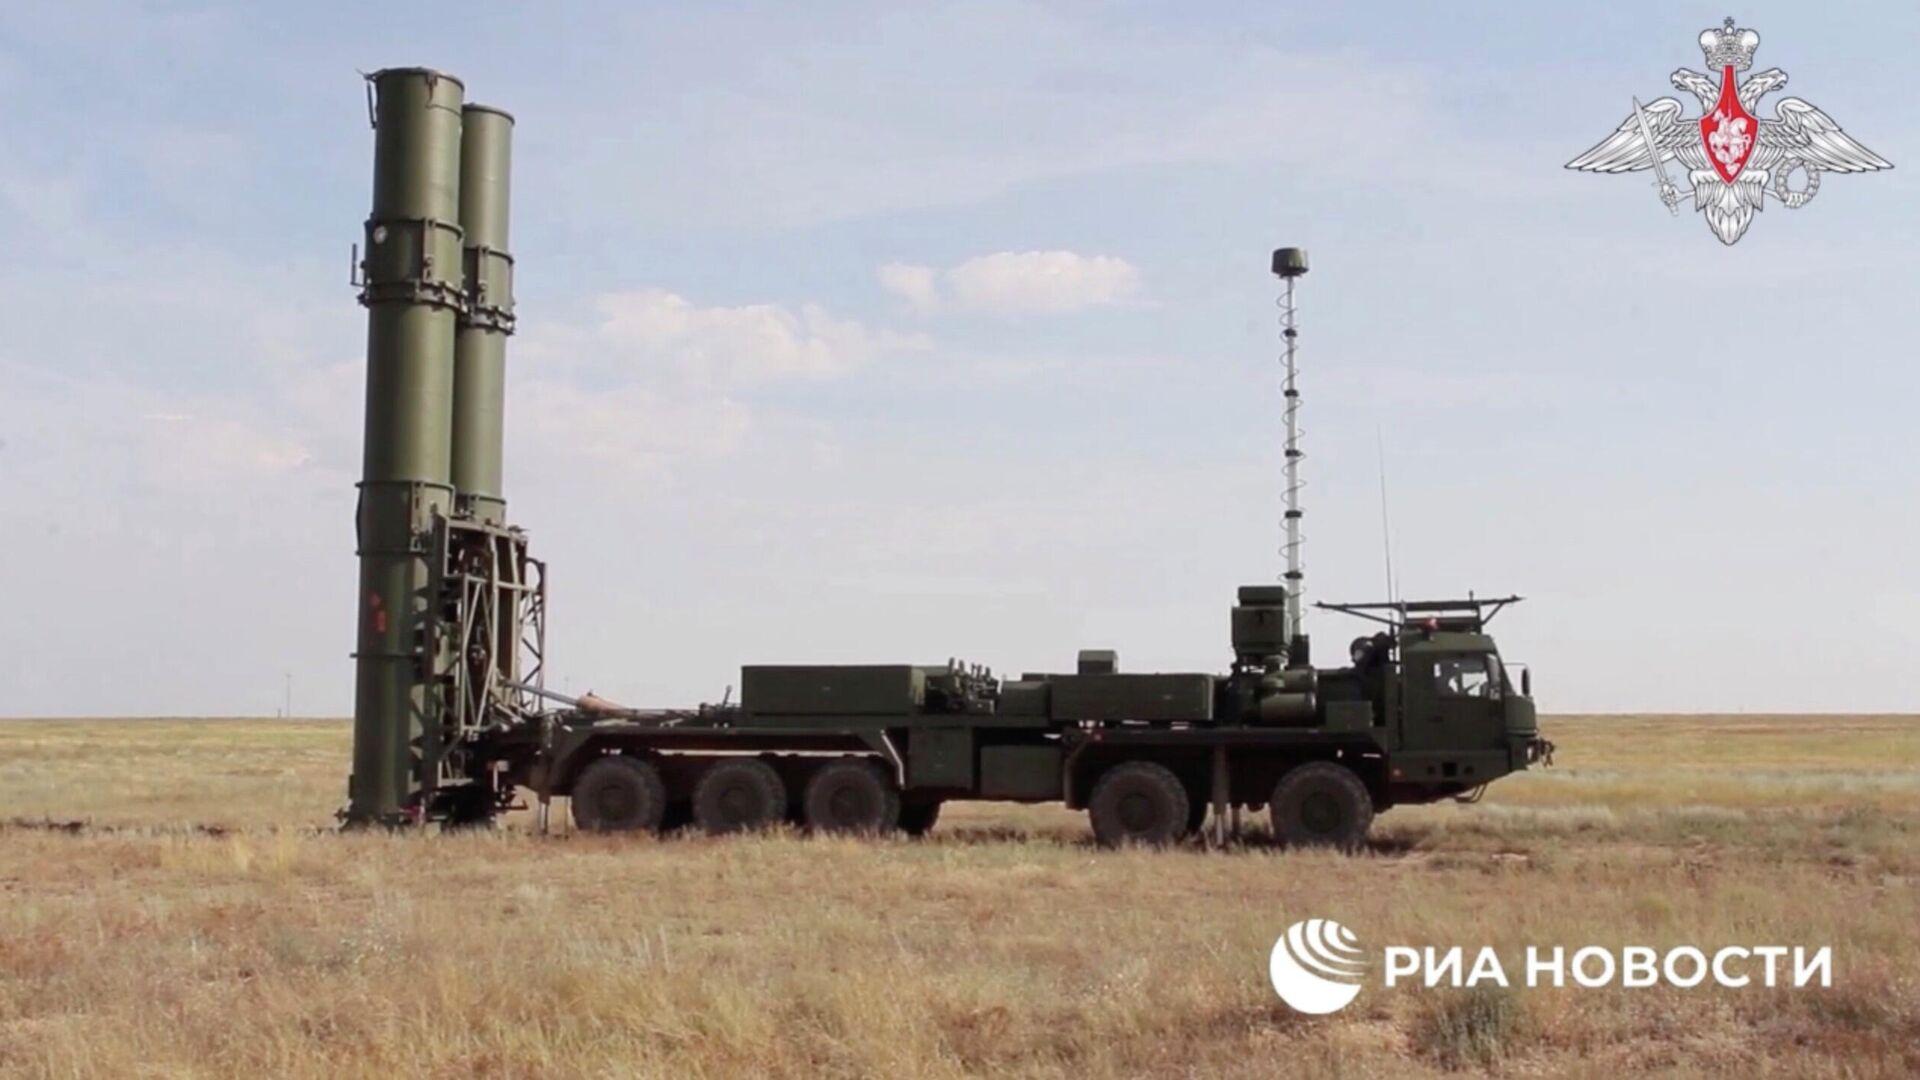 Зенитная ракетная система С-500 провела испытательные боевые стрельбы по скоростной баллистической цели на полигоне Капустин Яр - РИА Новости, 1920, 20.07.2021